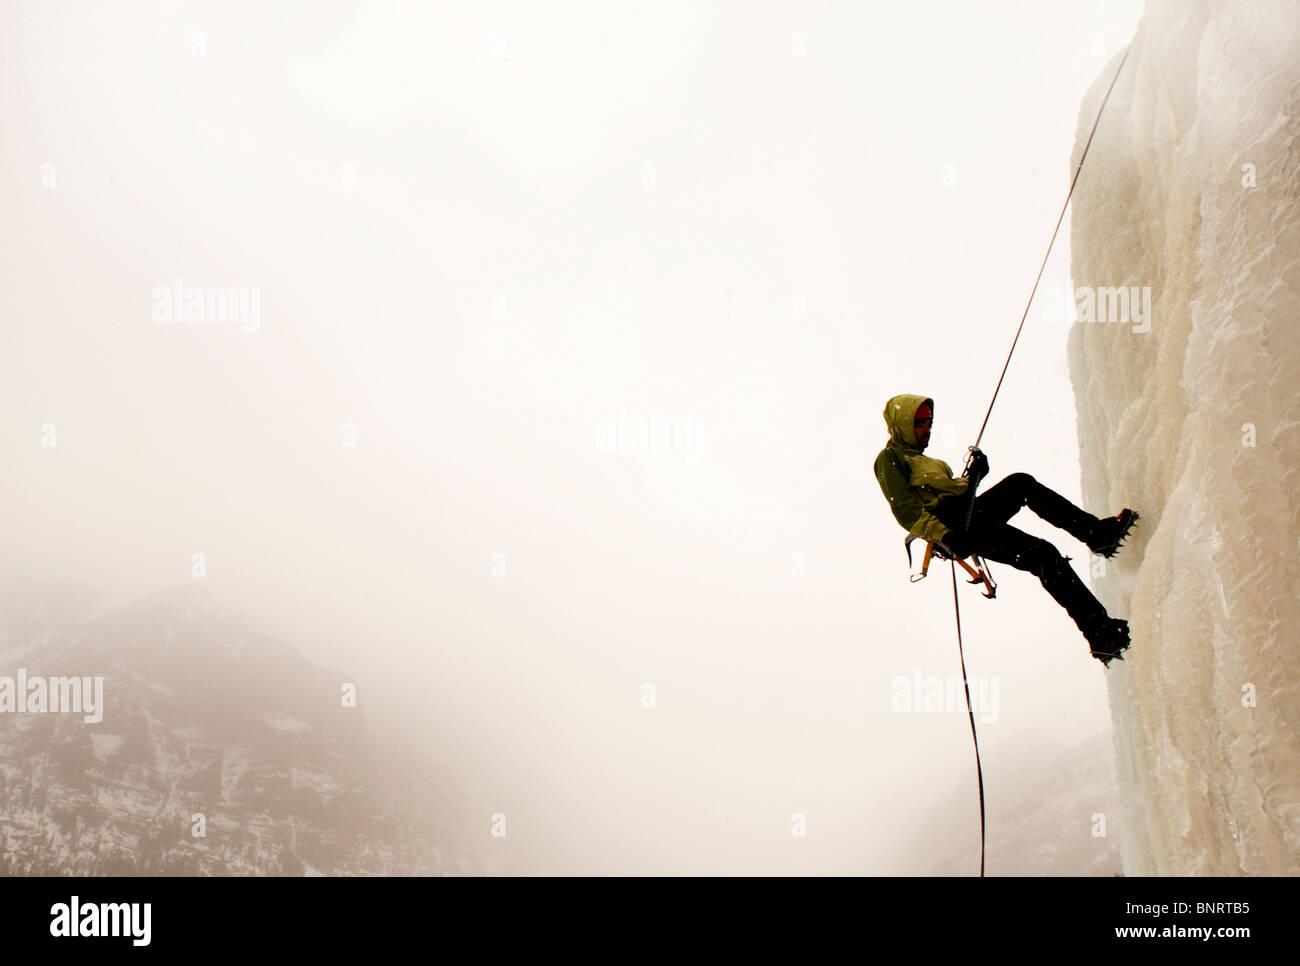 Un uomo di arrampicata su ghiaccio. Immagini Stock